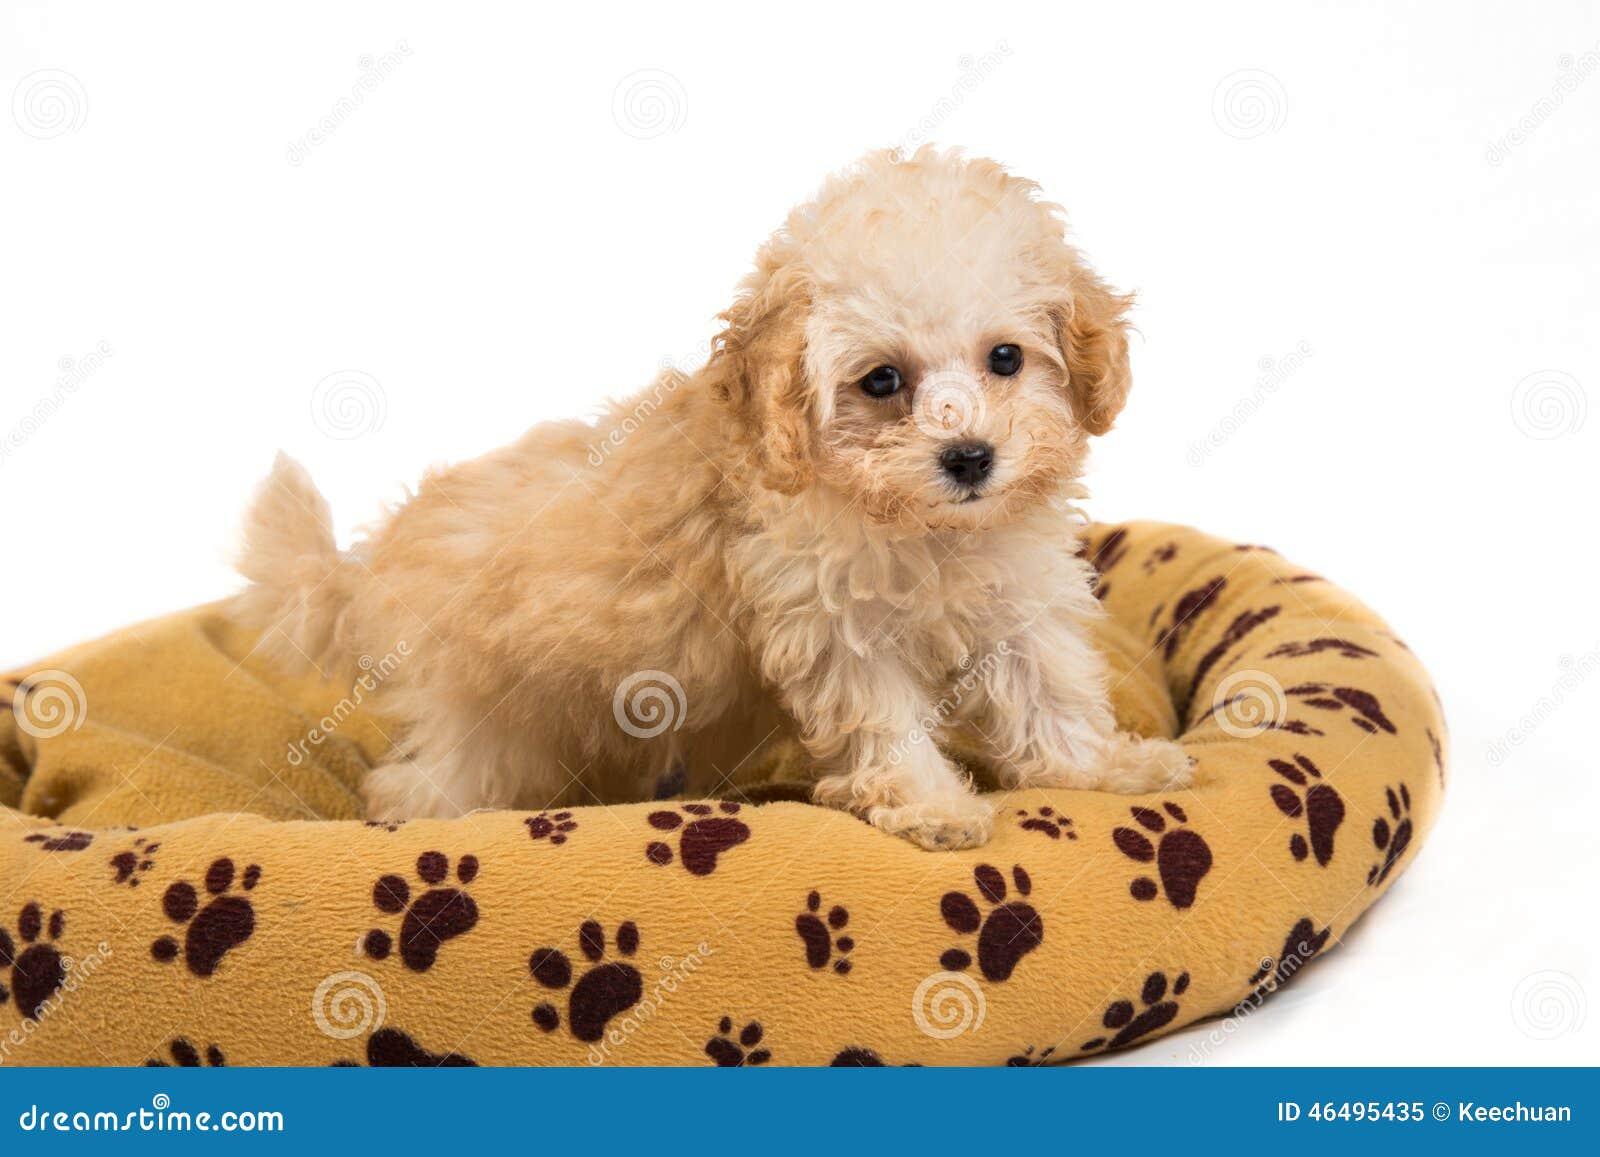 Χαριτωμένο και περίεργο poodle κουτάβι που στέκεται στο κρεβάτι της